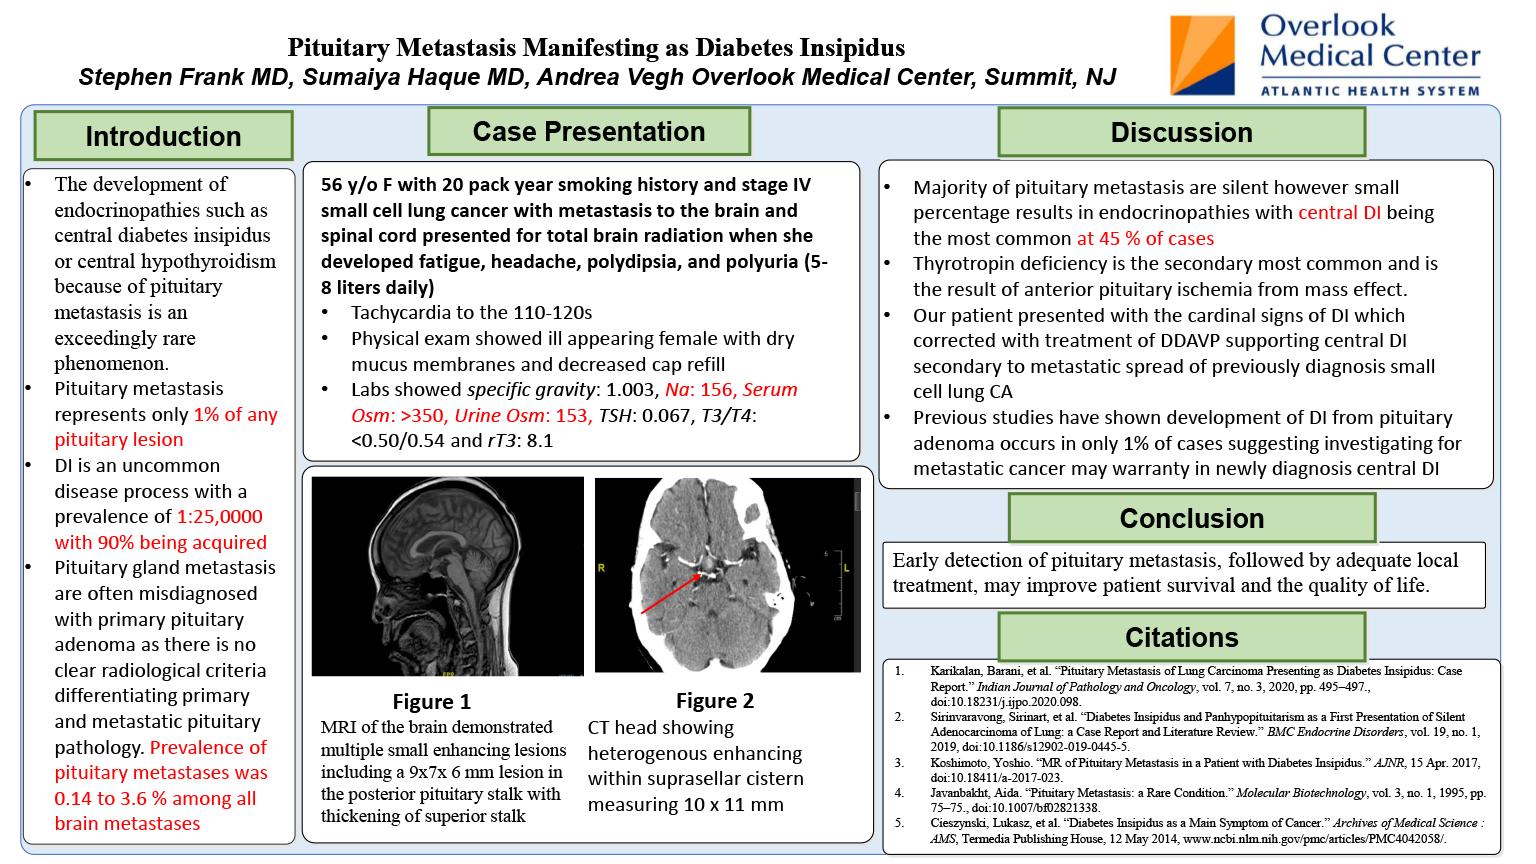 34-CV-142-Pituitary Metastasis Manifesting as Diabetes Insipidus